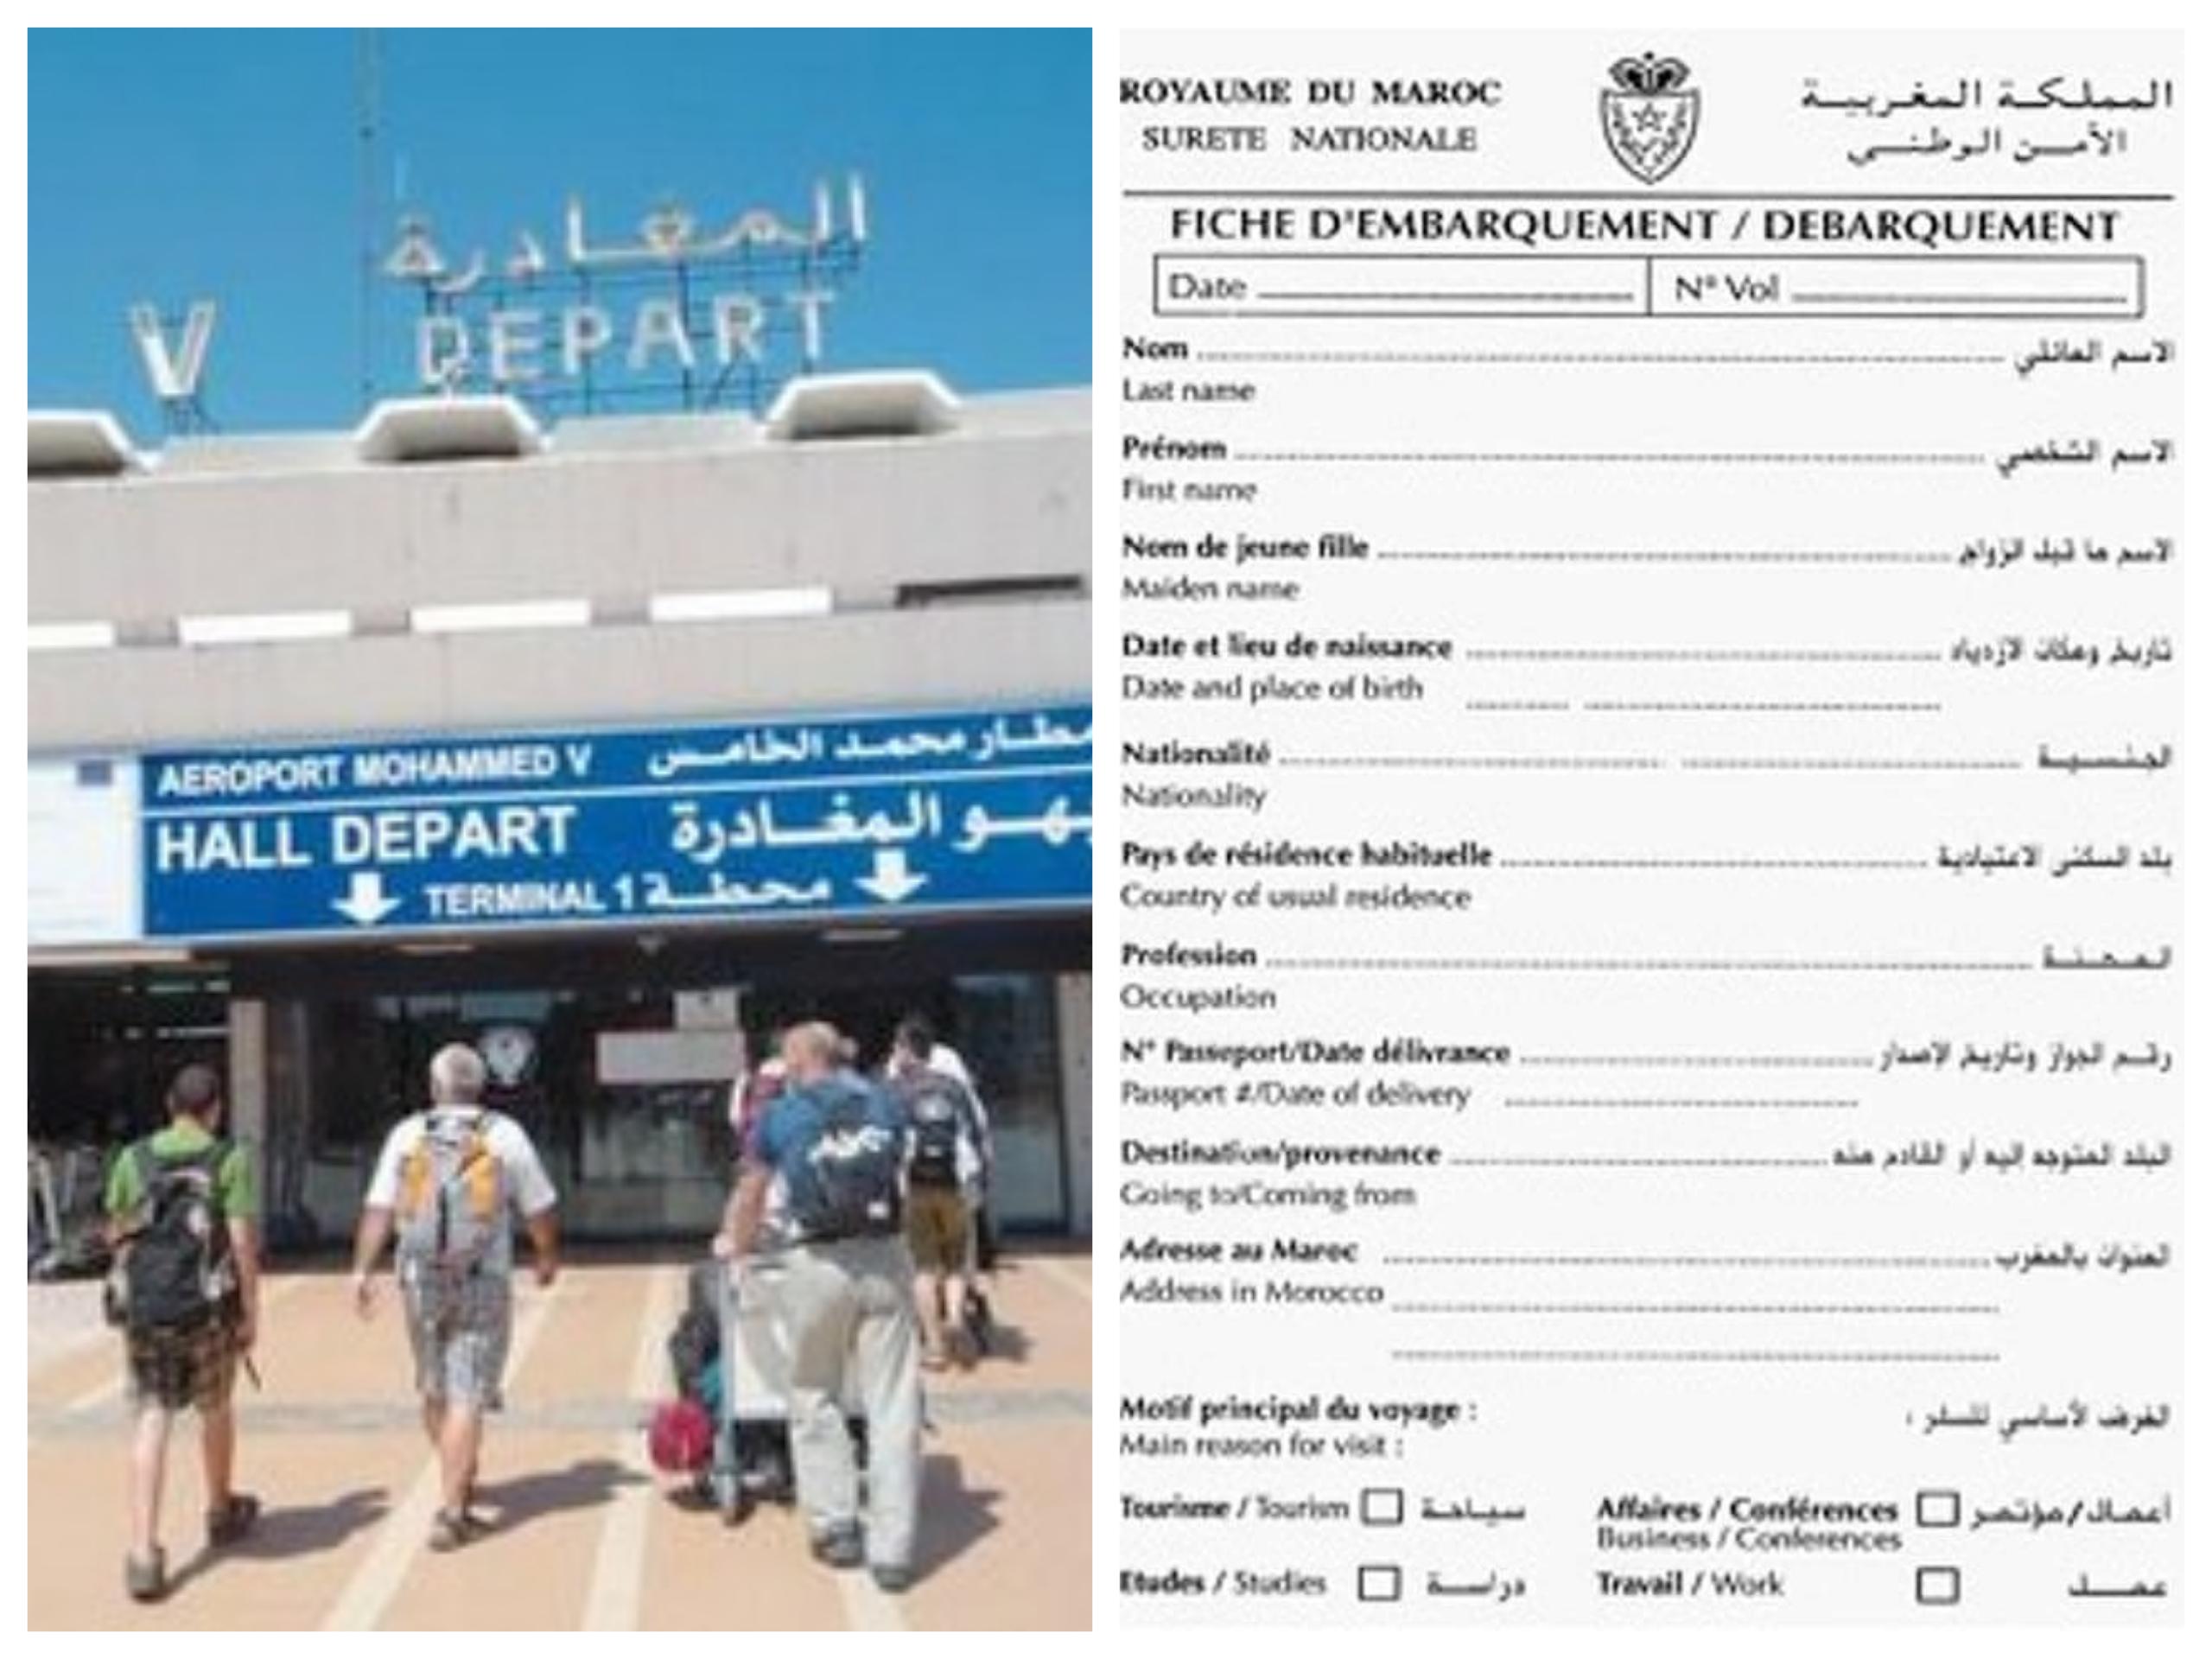 صورة الامن يعلن استغناءه عن الاستمارة الخاصة بالمسافرين   القادمين  و المغادرين ارض الوطن !